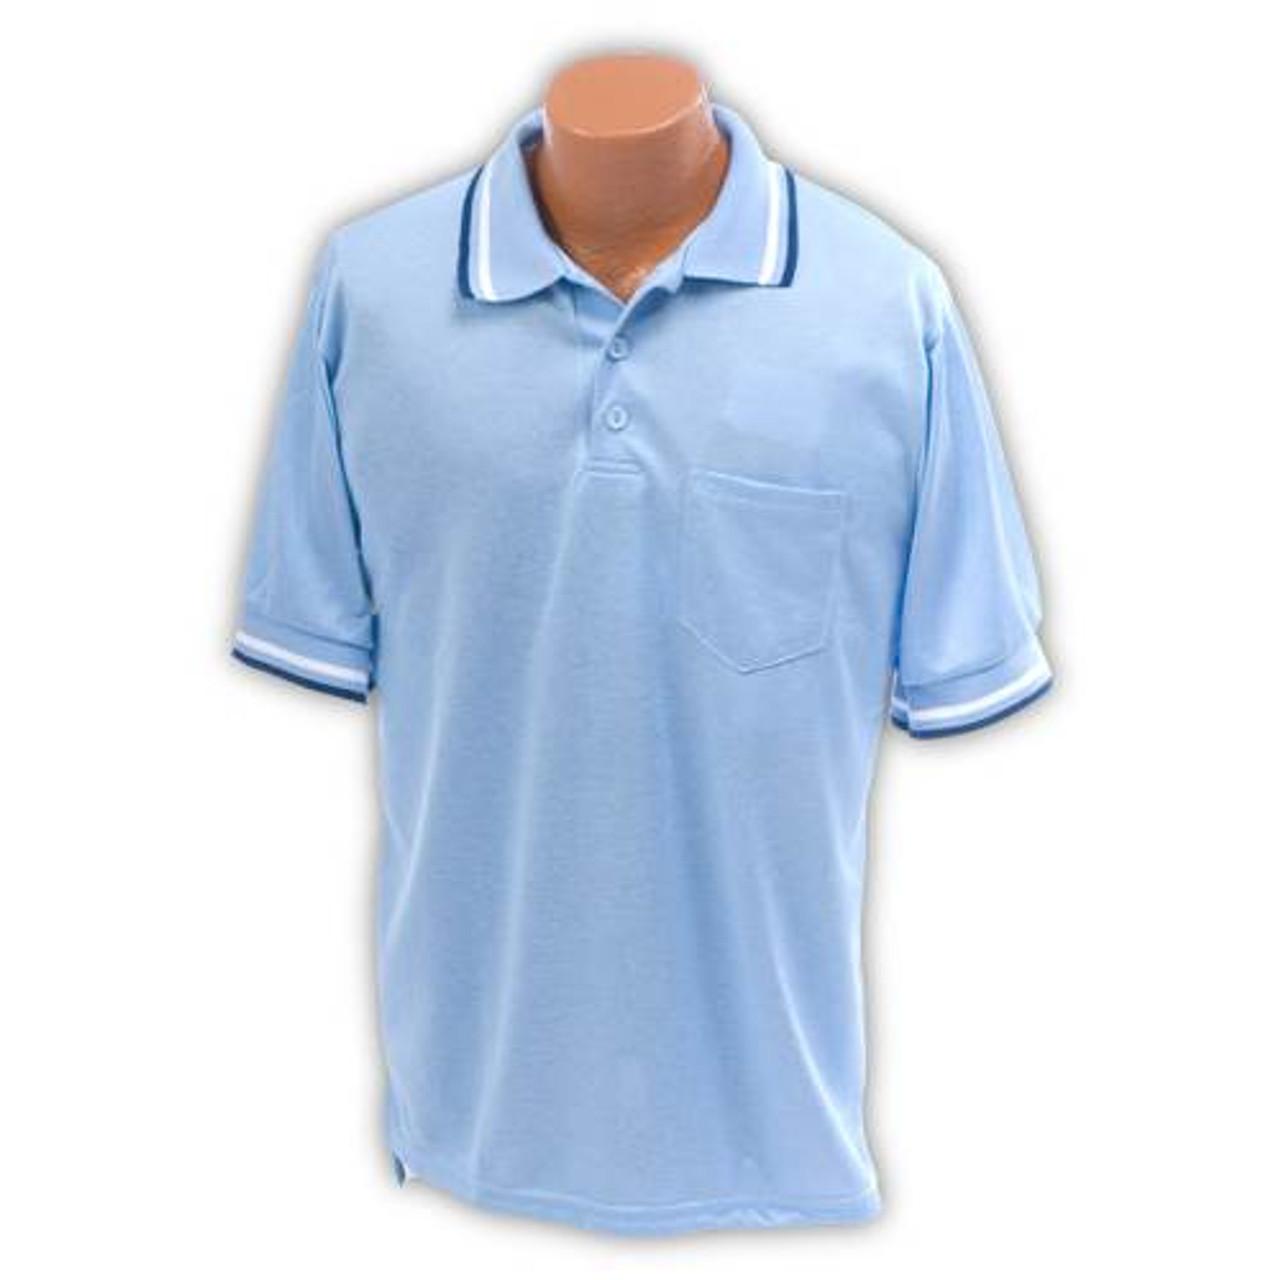 Baseball Umpire Shirt Light Blue AM